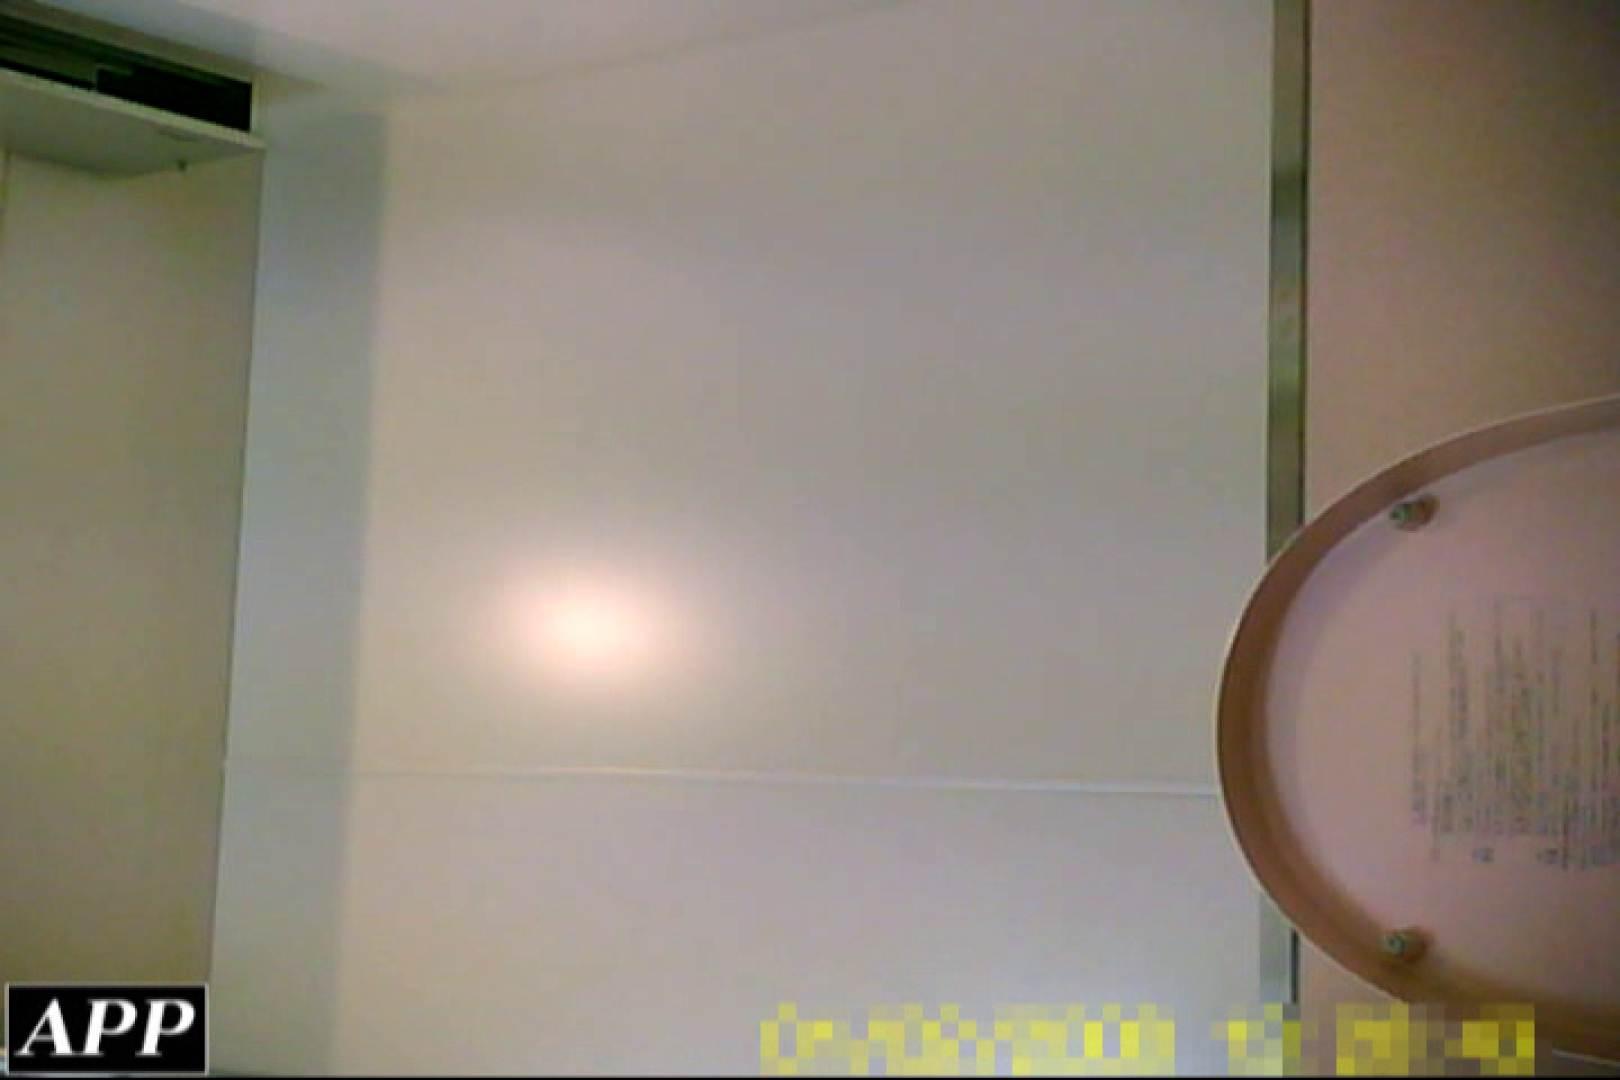 3視点洗面所 vol.117 マンコ・ムレムレ ワレメ無修正動画無料 76pic 62